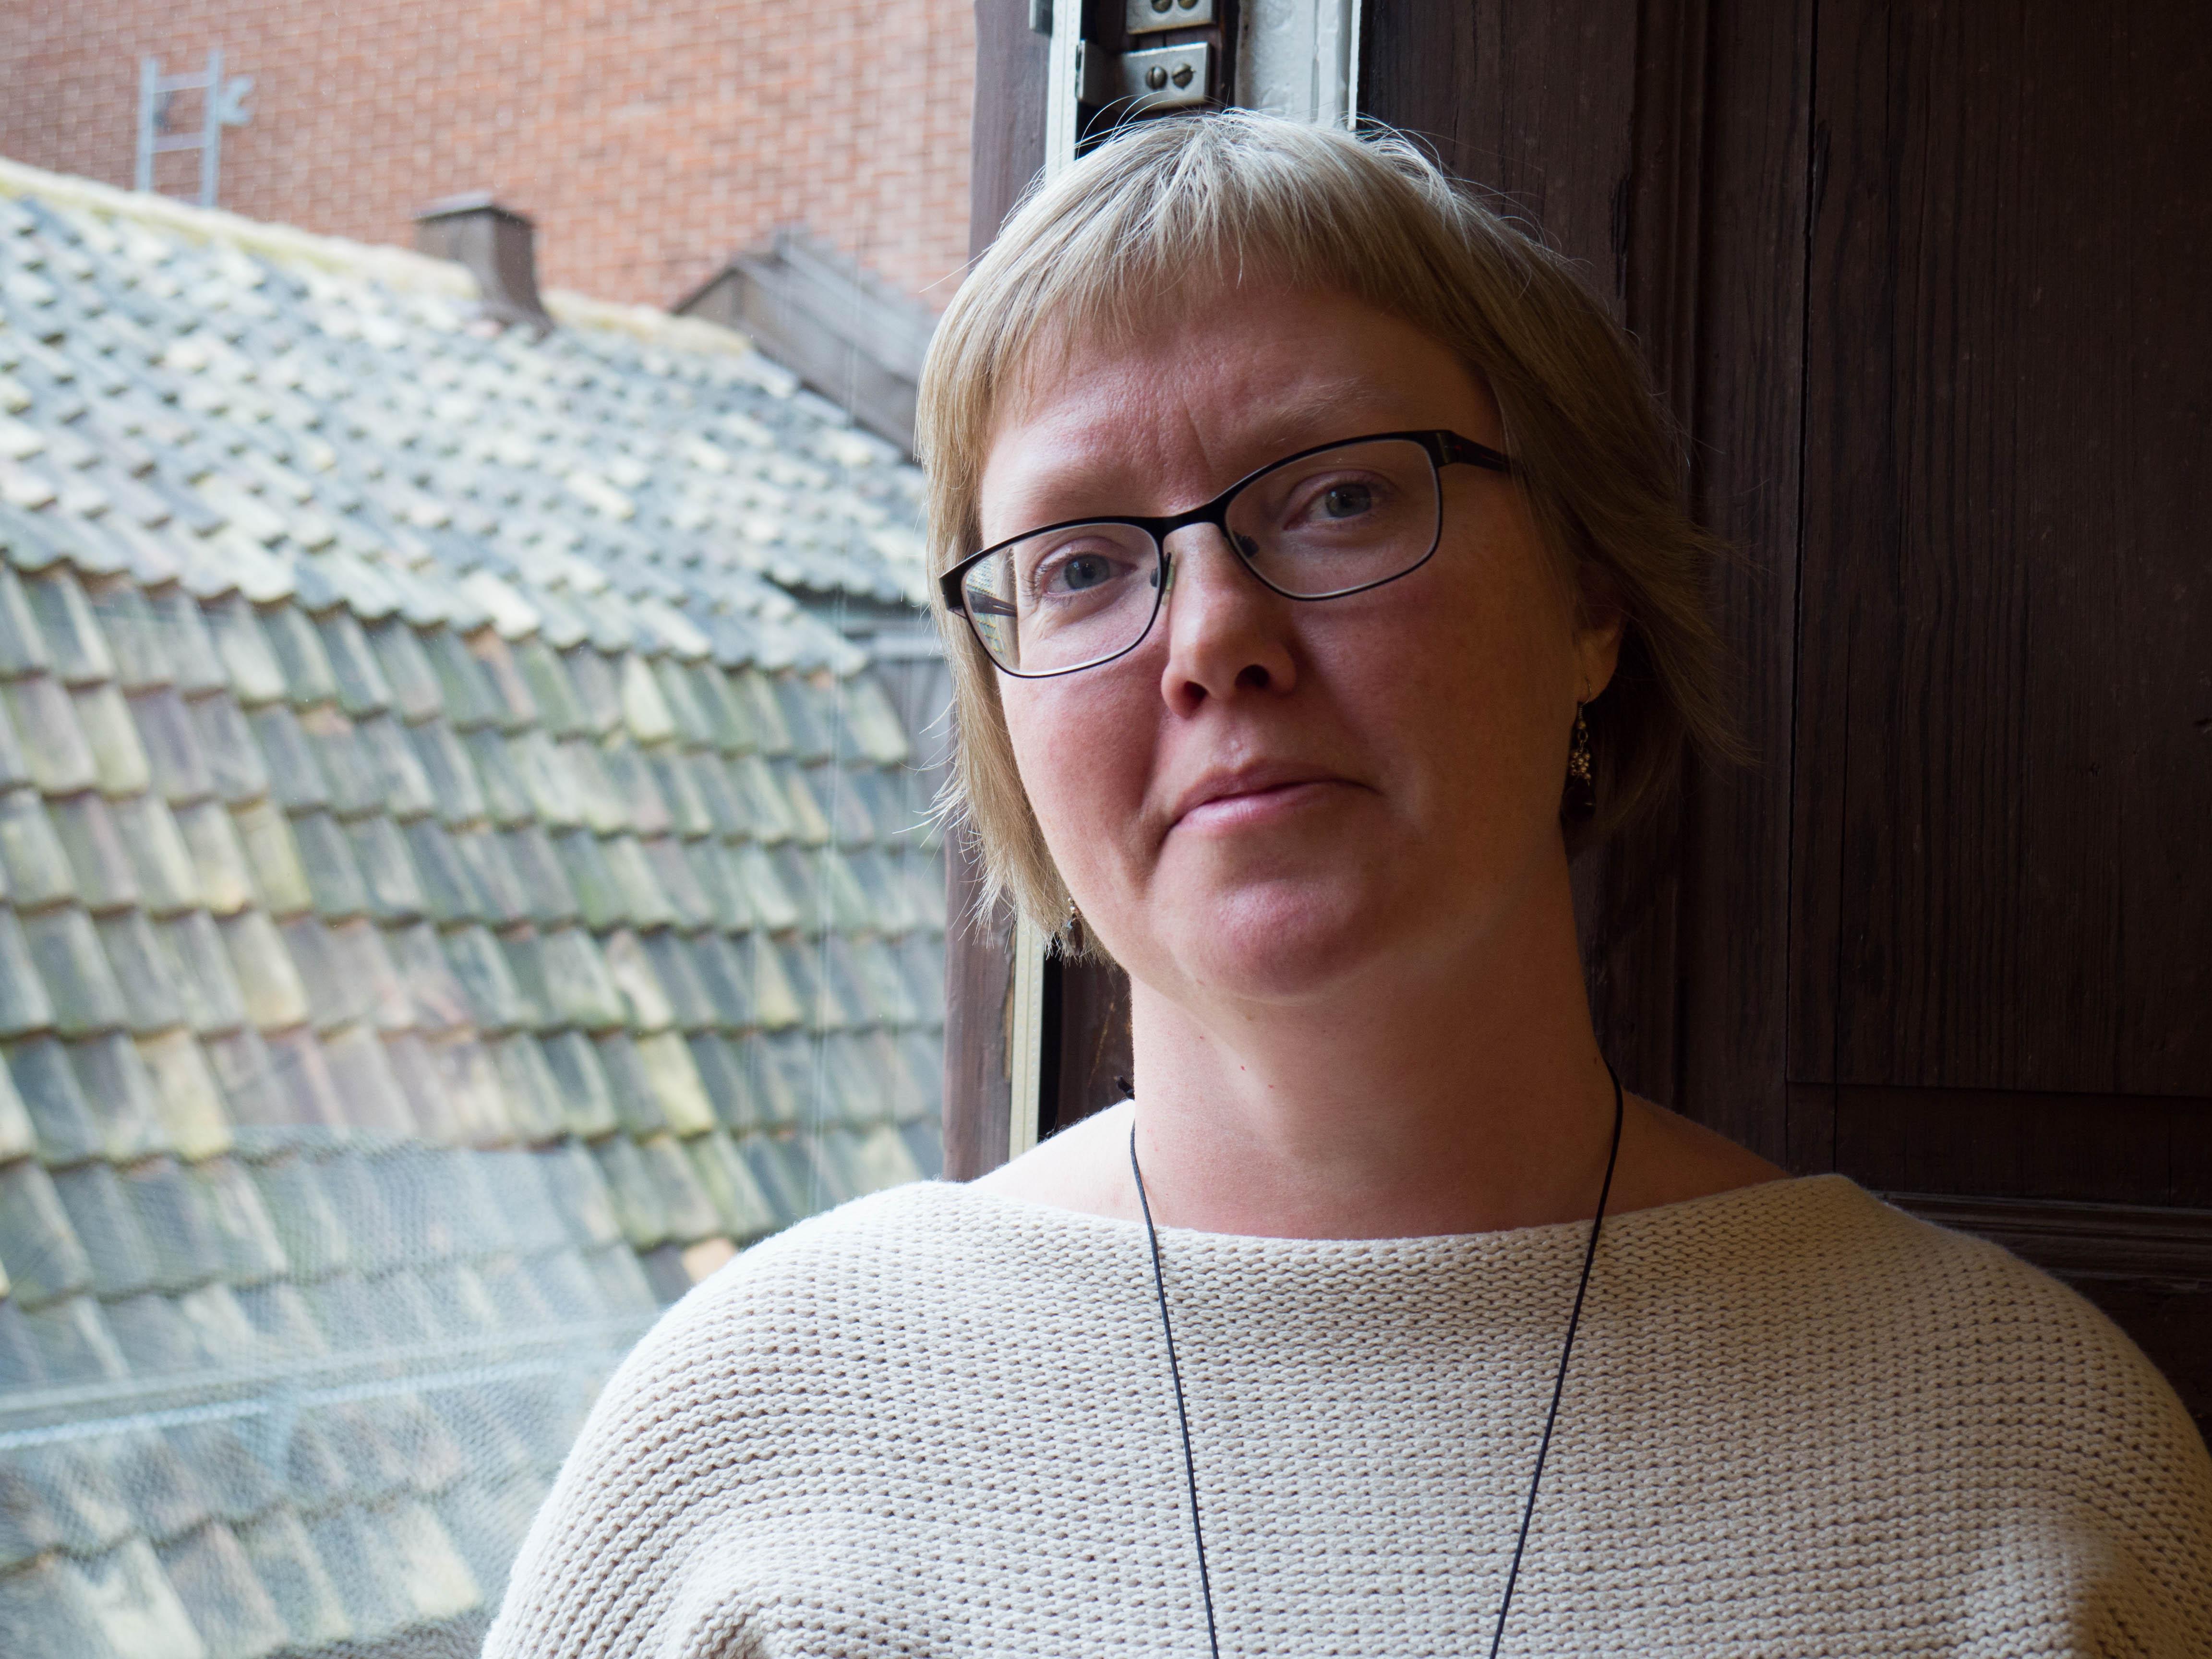 Malin Asplund, kortklippt med glasögon och ljust beige tröja står i ett fönster